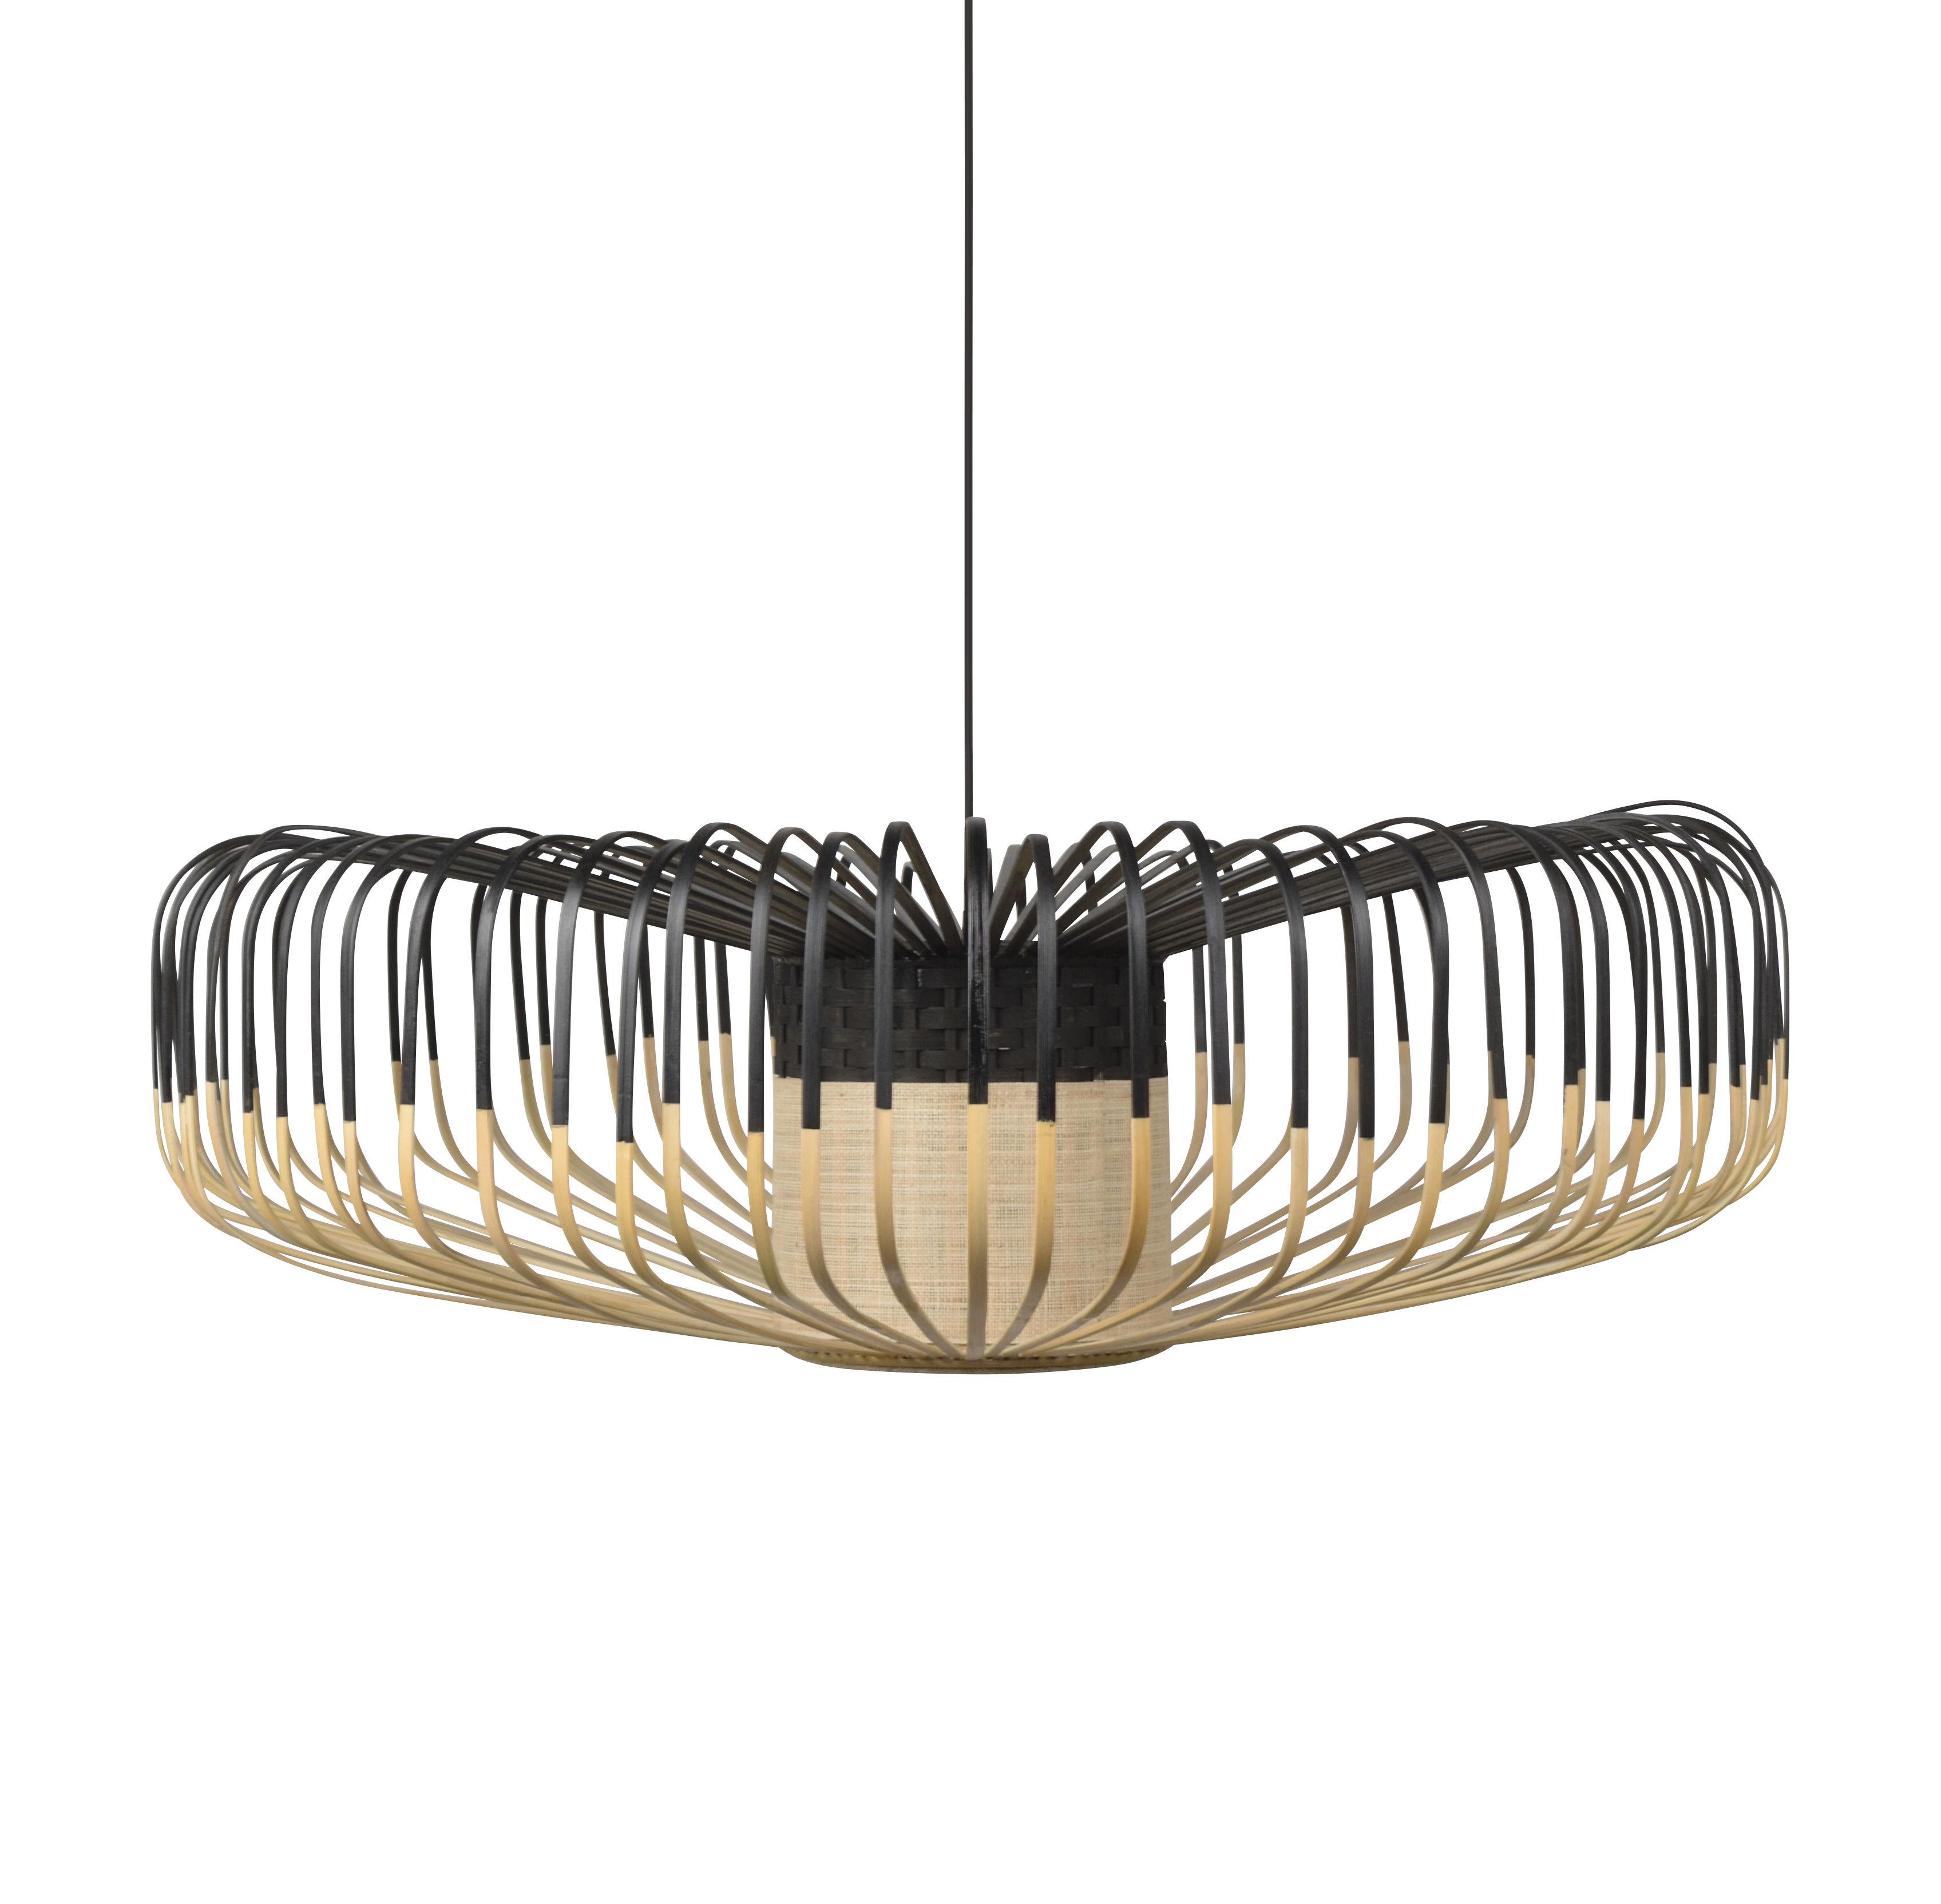 Leuchten - Pendelleuchten - Bamboo Up XXL Pendelleuchte / Ø 80 cm - Forestier - Schwarz - Bambus